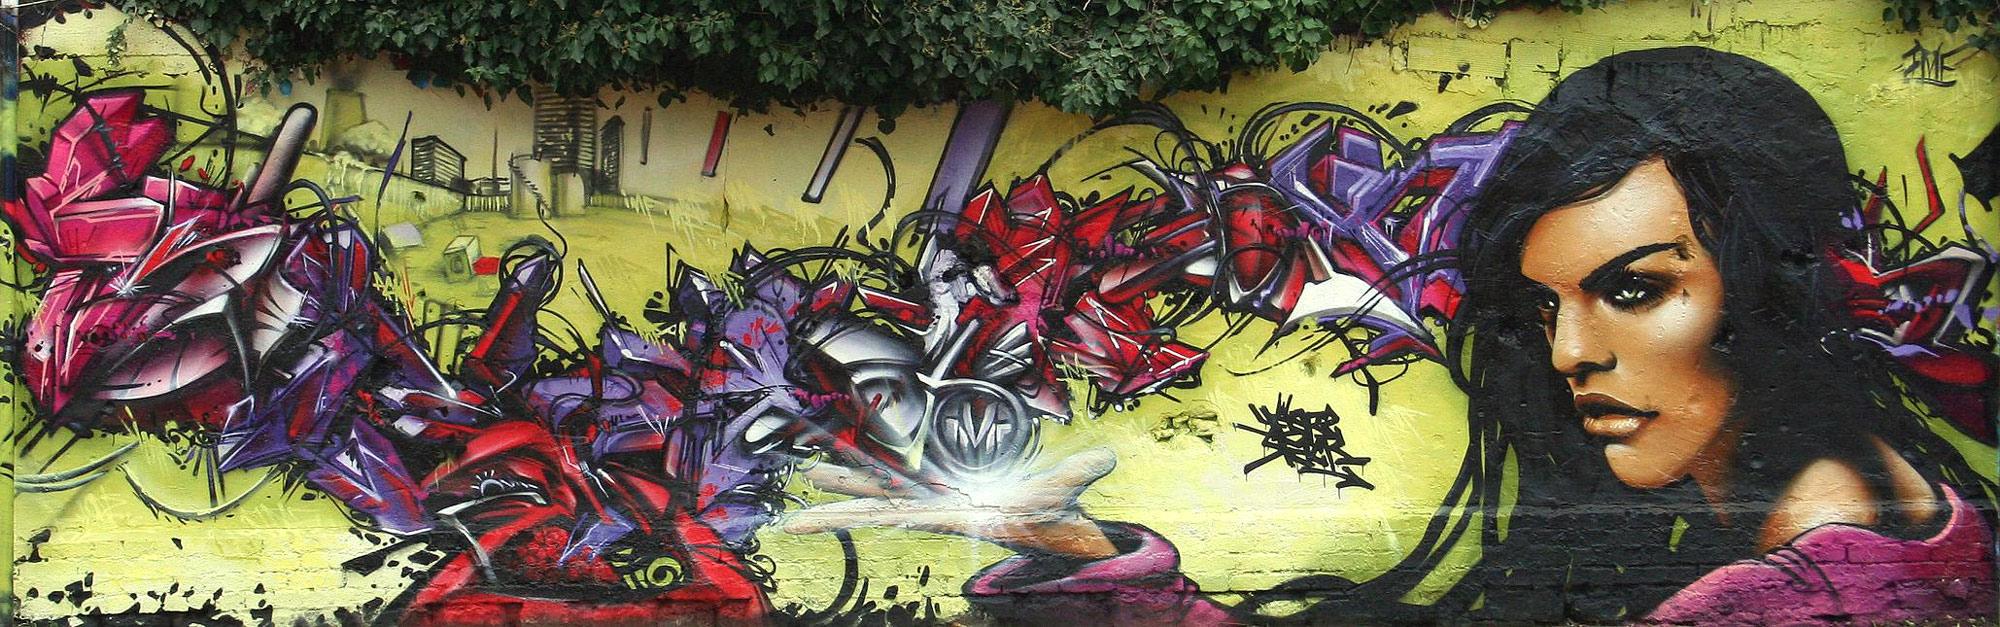 Grafiti - Page 5 Final_big